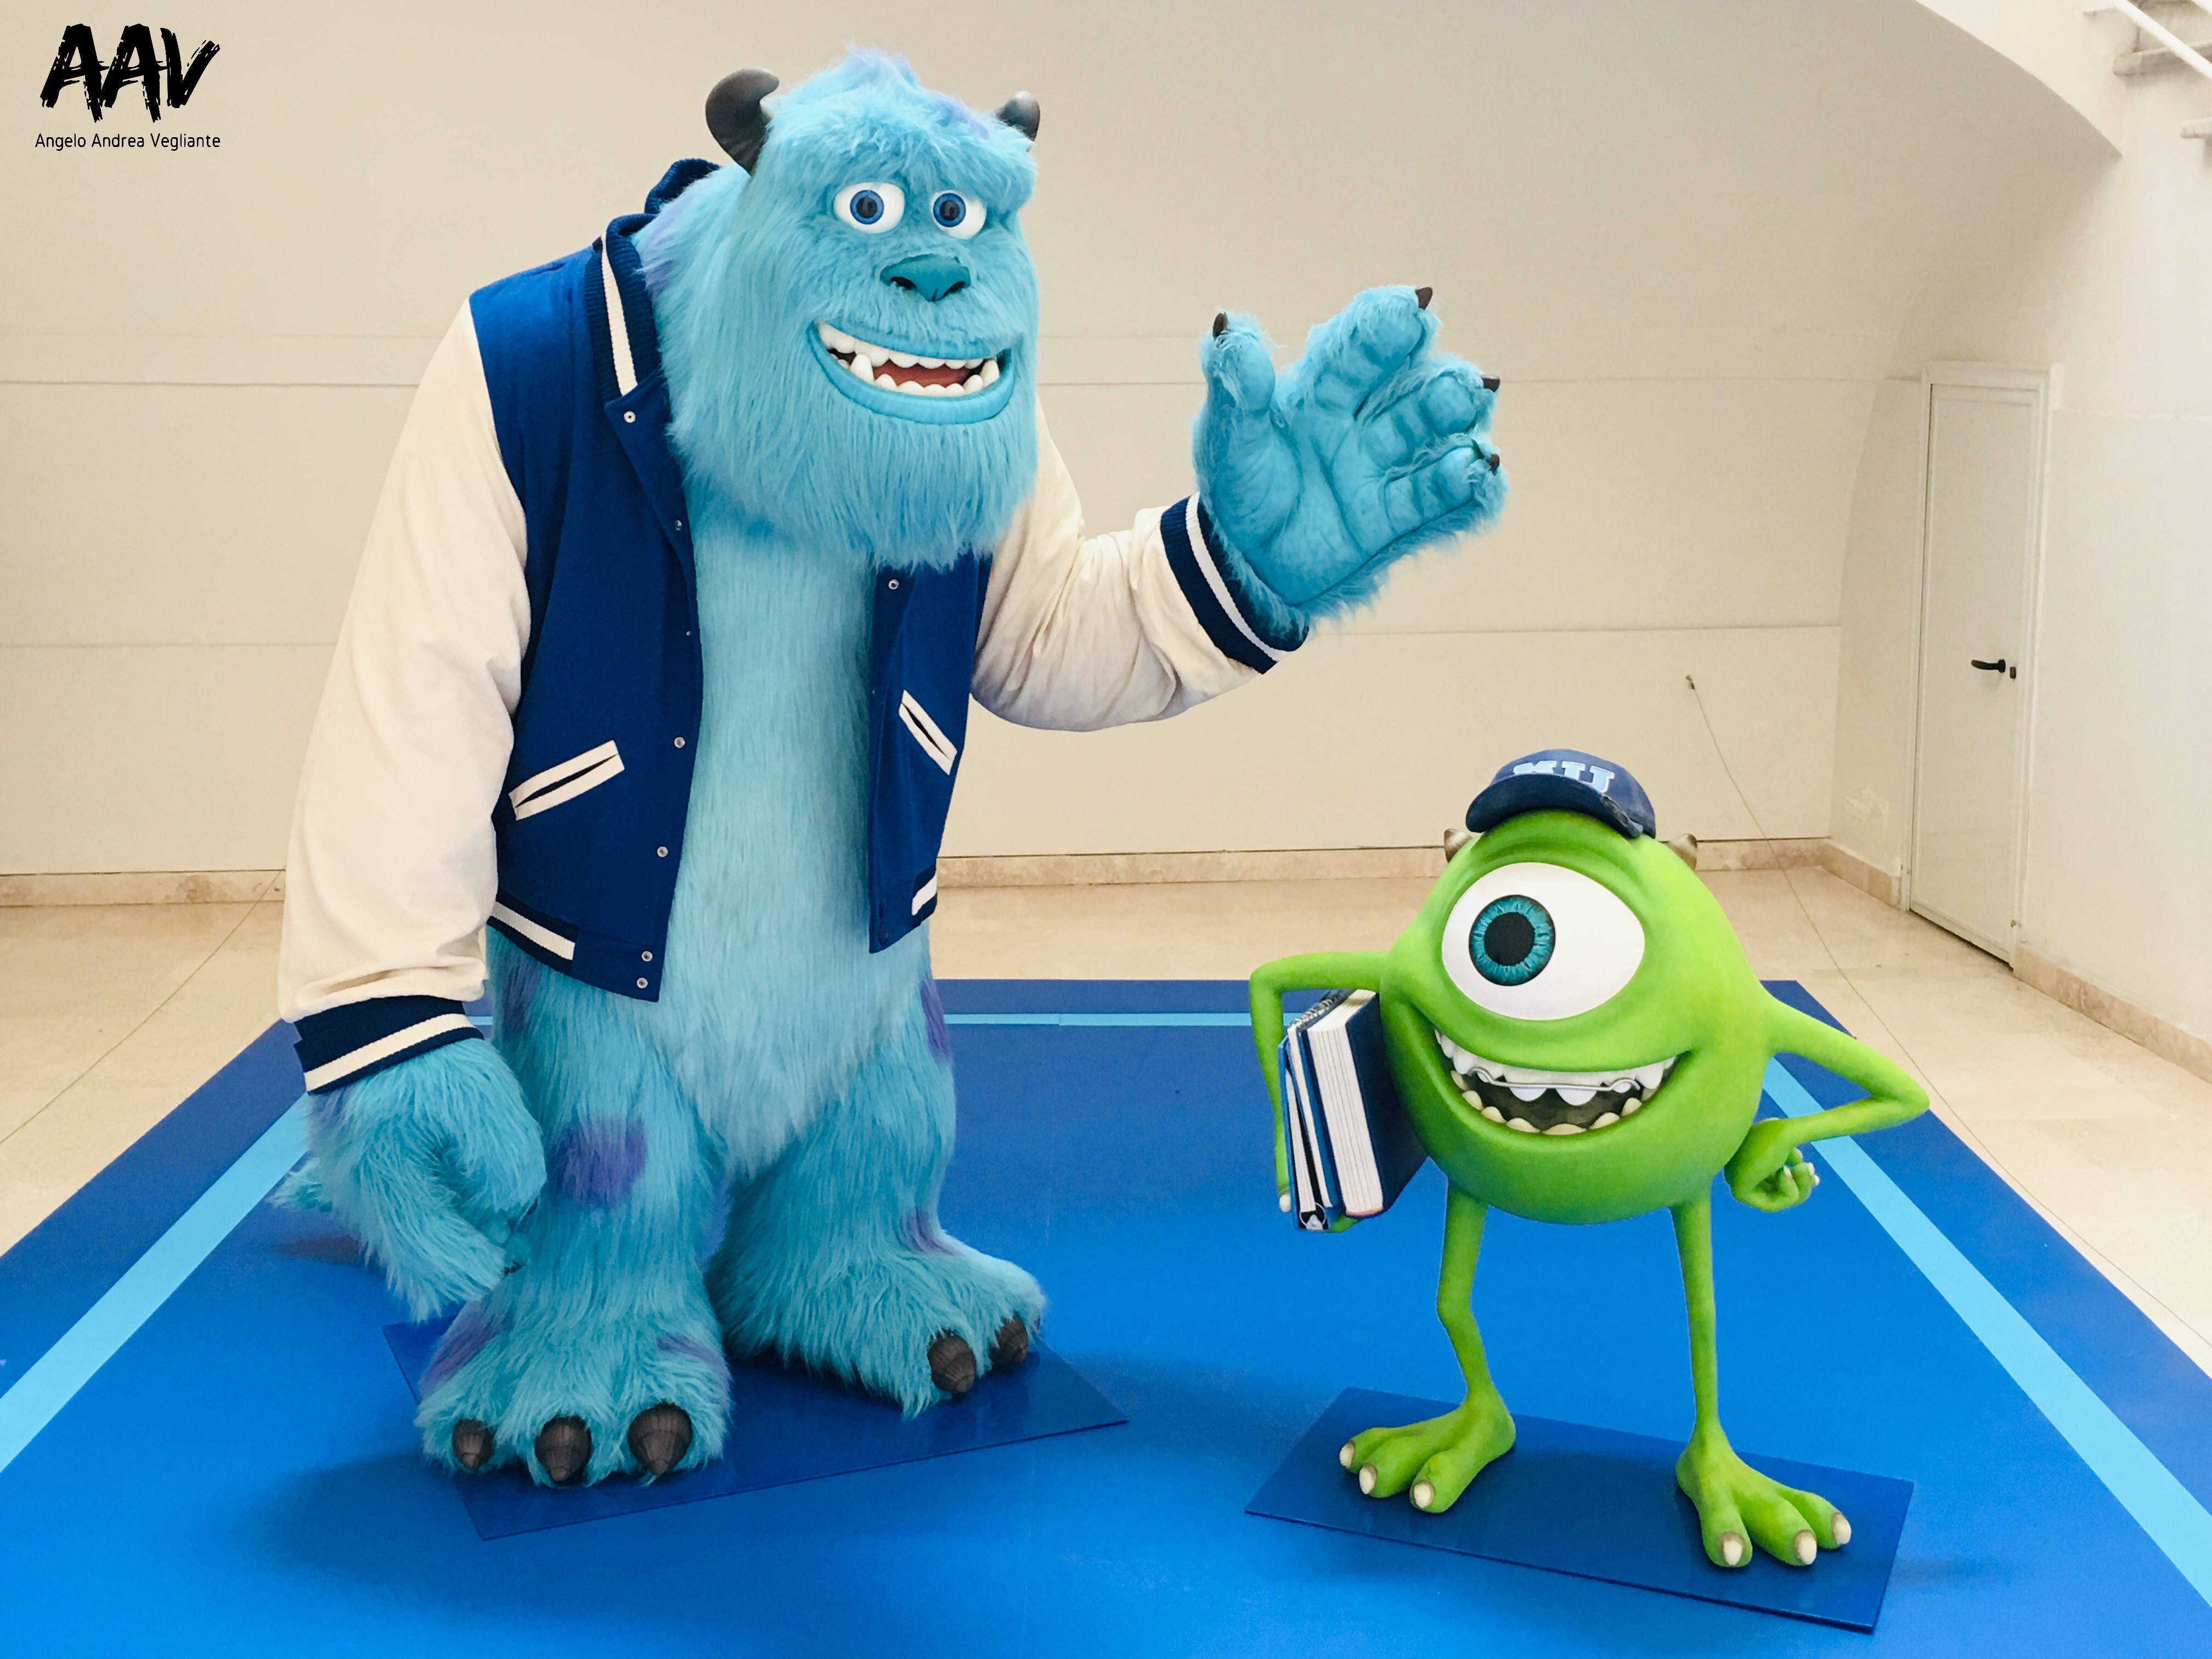 Monsters & Co.-pixar-pixar 30 anni di animazione-film-palazzo delle esposizioni-roma-angelo andrea vegliante